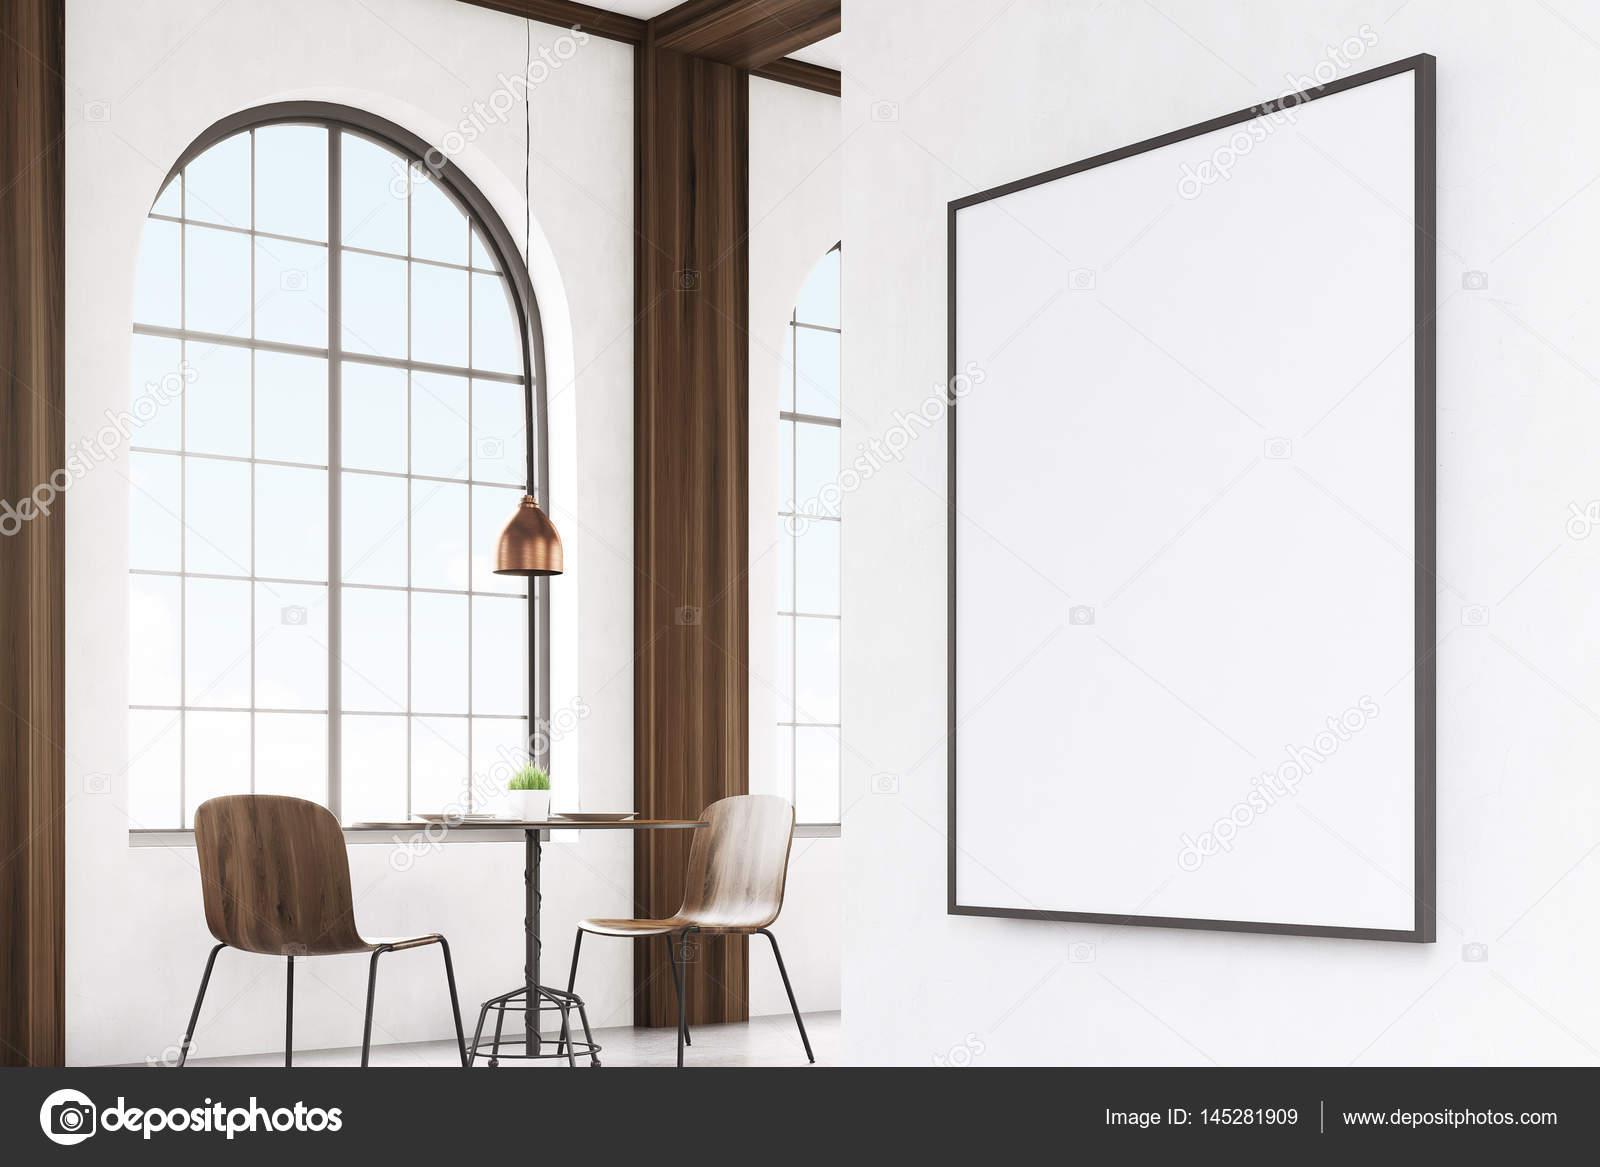 Stühle An Die Wand Hängen vertikale gerahmte poster an der wand café ecke stockfoto